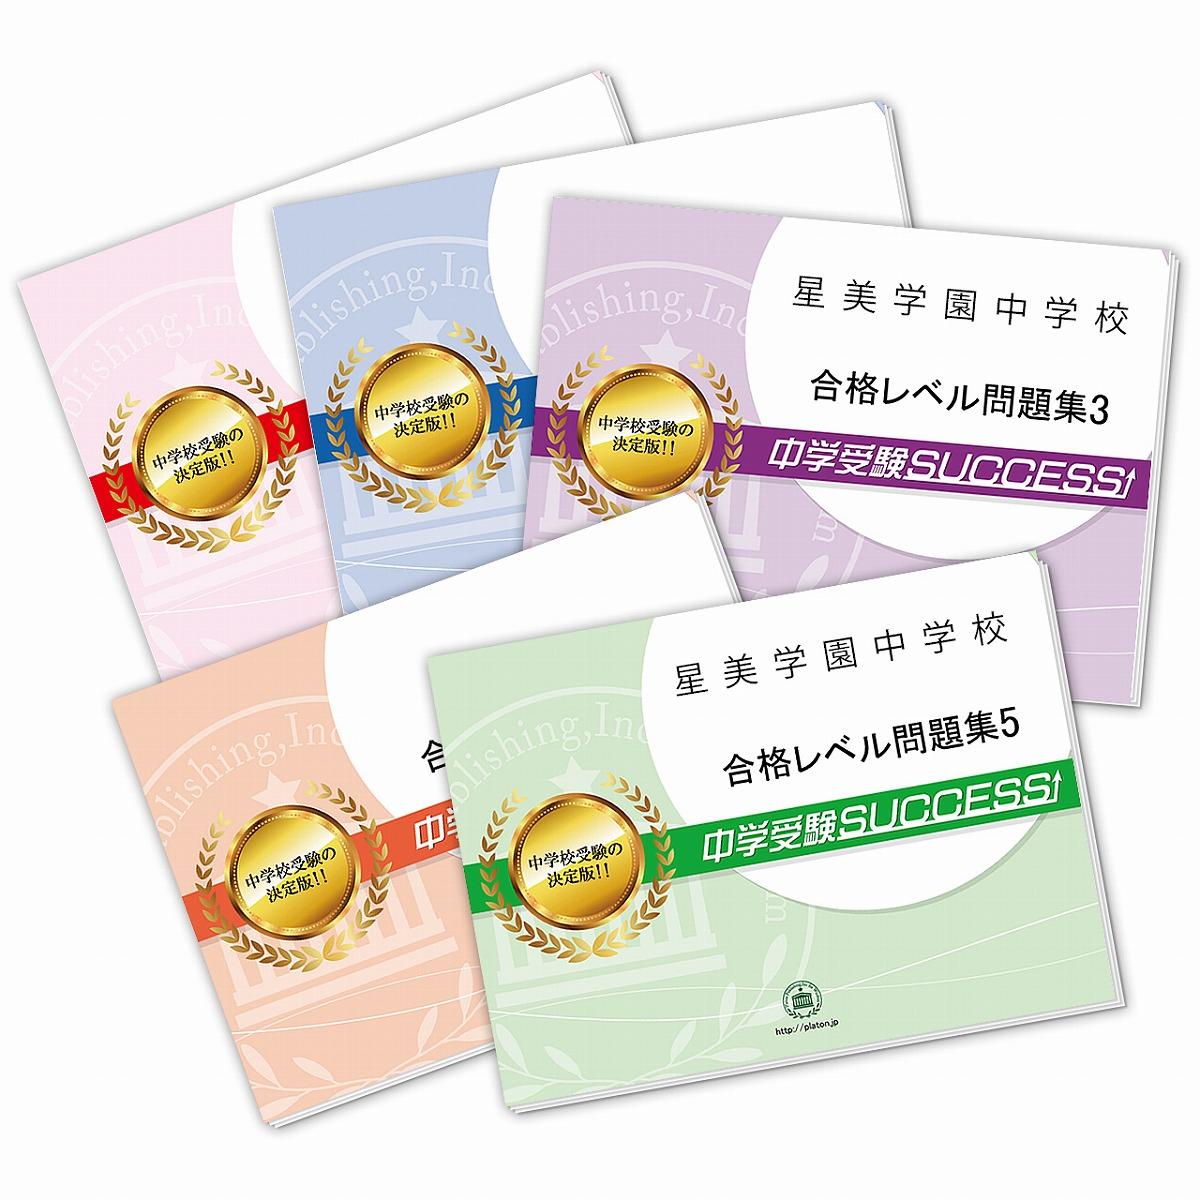 【送料・代引手数料無料】星美学園中学校・直前対策合格セット(5冊)